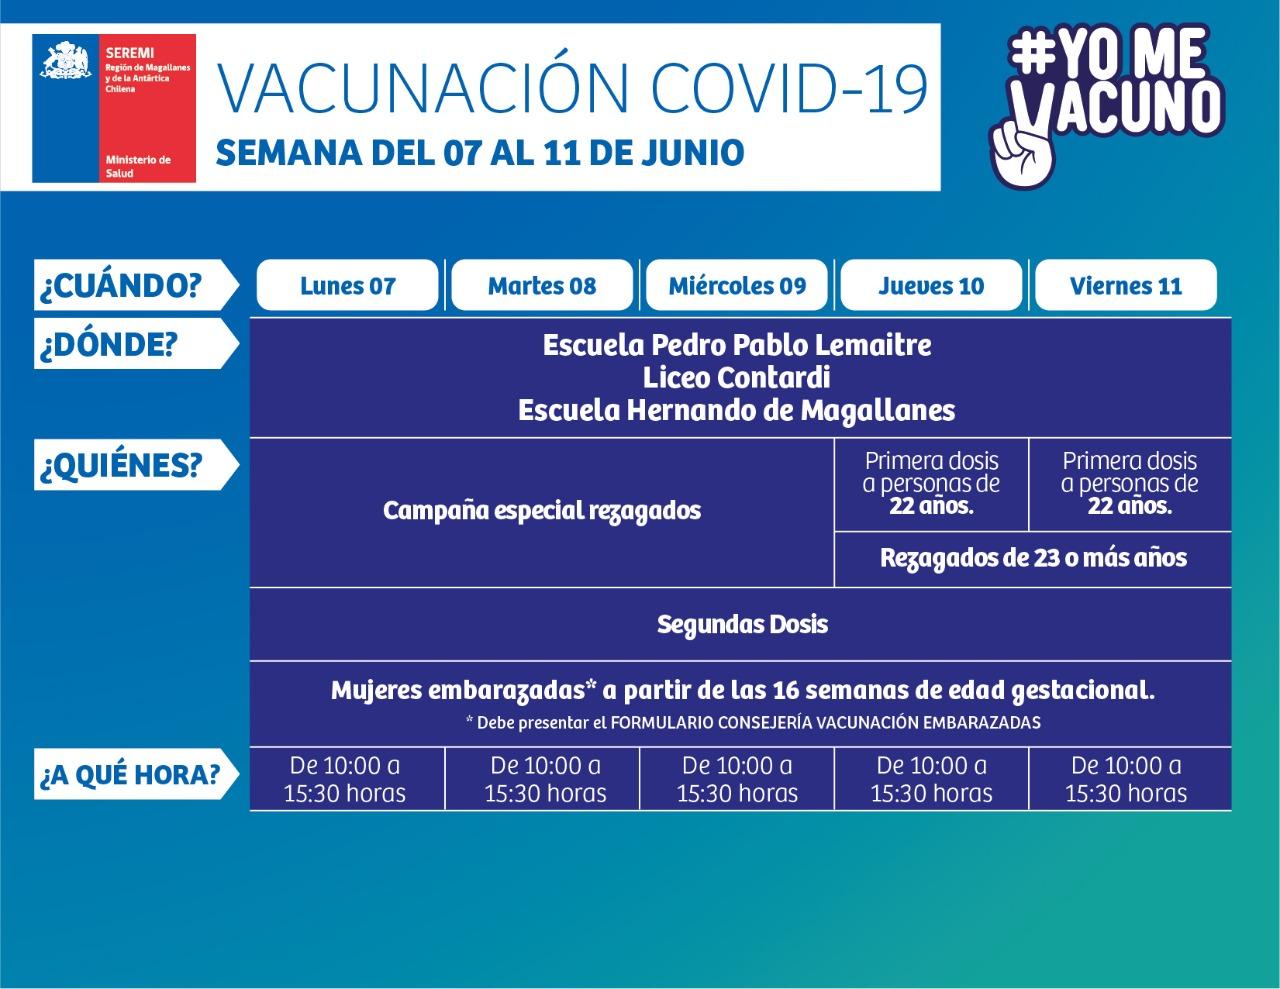 Calendario de vacunación contra influenza y covid19 en la comuna de Punta Arenas